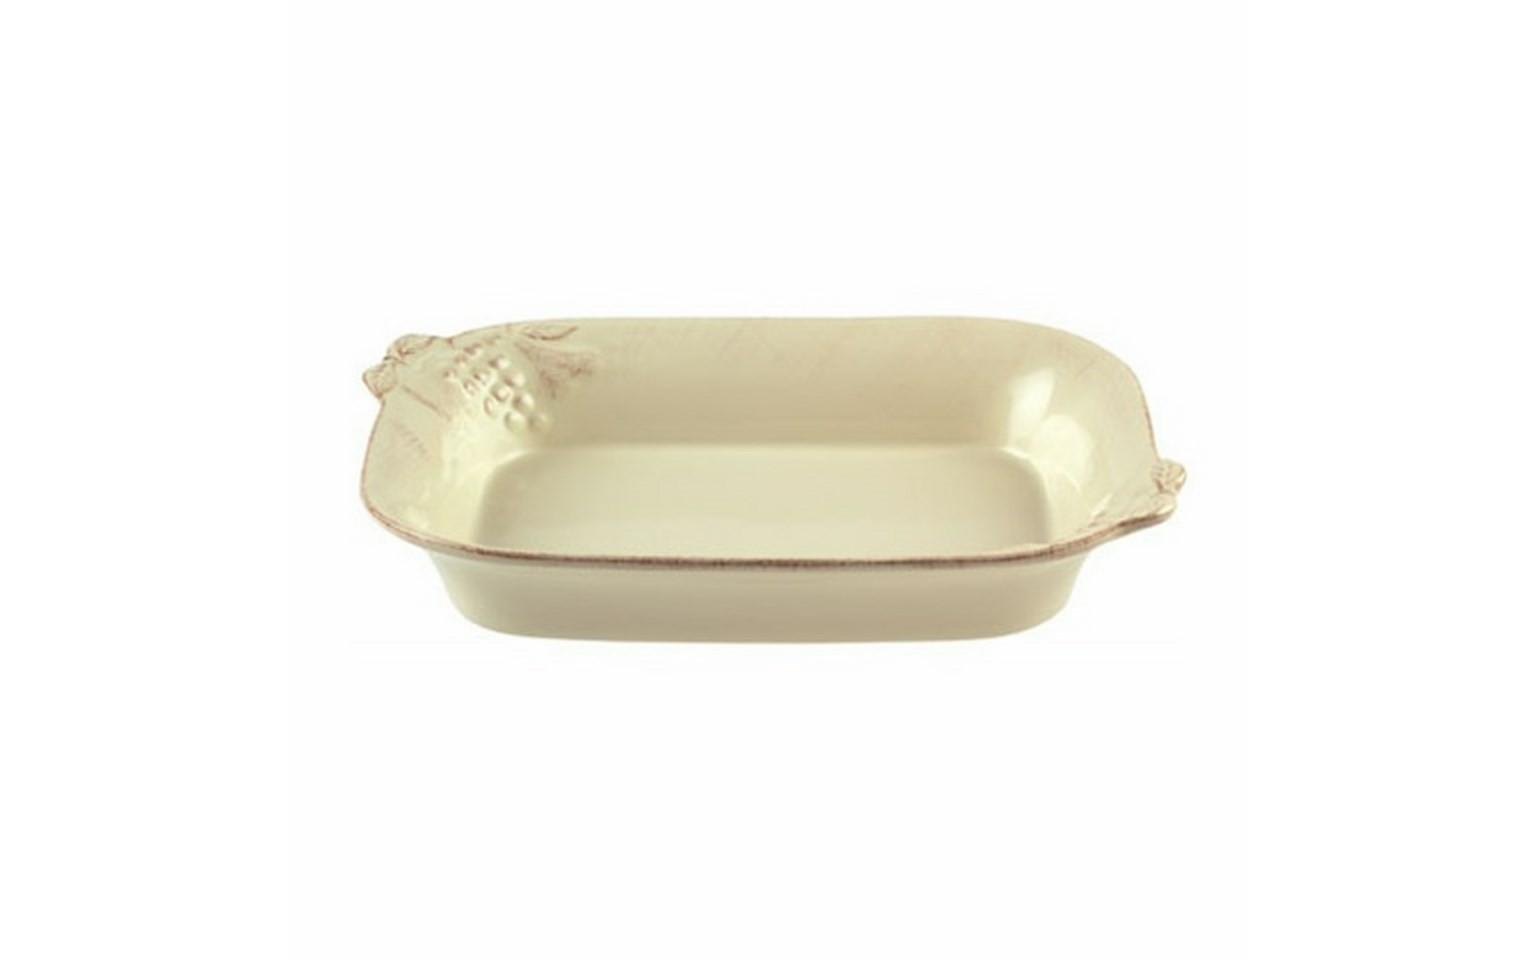 Блюдо для запекания прямоугольноеДекоративные блюда<br>Costa Nova (Португалия) – керамическая посуда из самого сердца Португалии. Керамическая посуда Costa Nova абсолютно устойчива к мытью, даже в посудомоечной машине, ее вполне можно использовать для замораживания продуктов и в микроволновой печи, при этом можно не бояться повредить эту великолепную глазурь и свежие краски. Такую посуду легко мыть, при ее очистке можно использовать металлические губки – и все это благодаря прочному глазурованному покрытию. Все серии посуды от Costa Nova отвечают международным стандартам качества. Керамическая посуда от Costa Nova не содержит такие вещества, как свинец и кадмий.<br><br>Material: Керамика<br>Ширина см: 32<br>Глубина см: 22